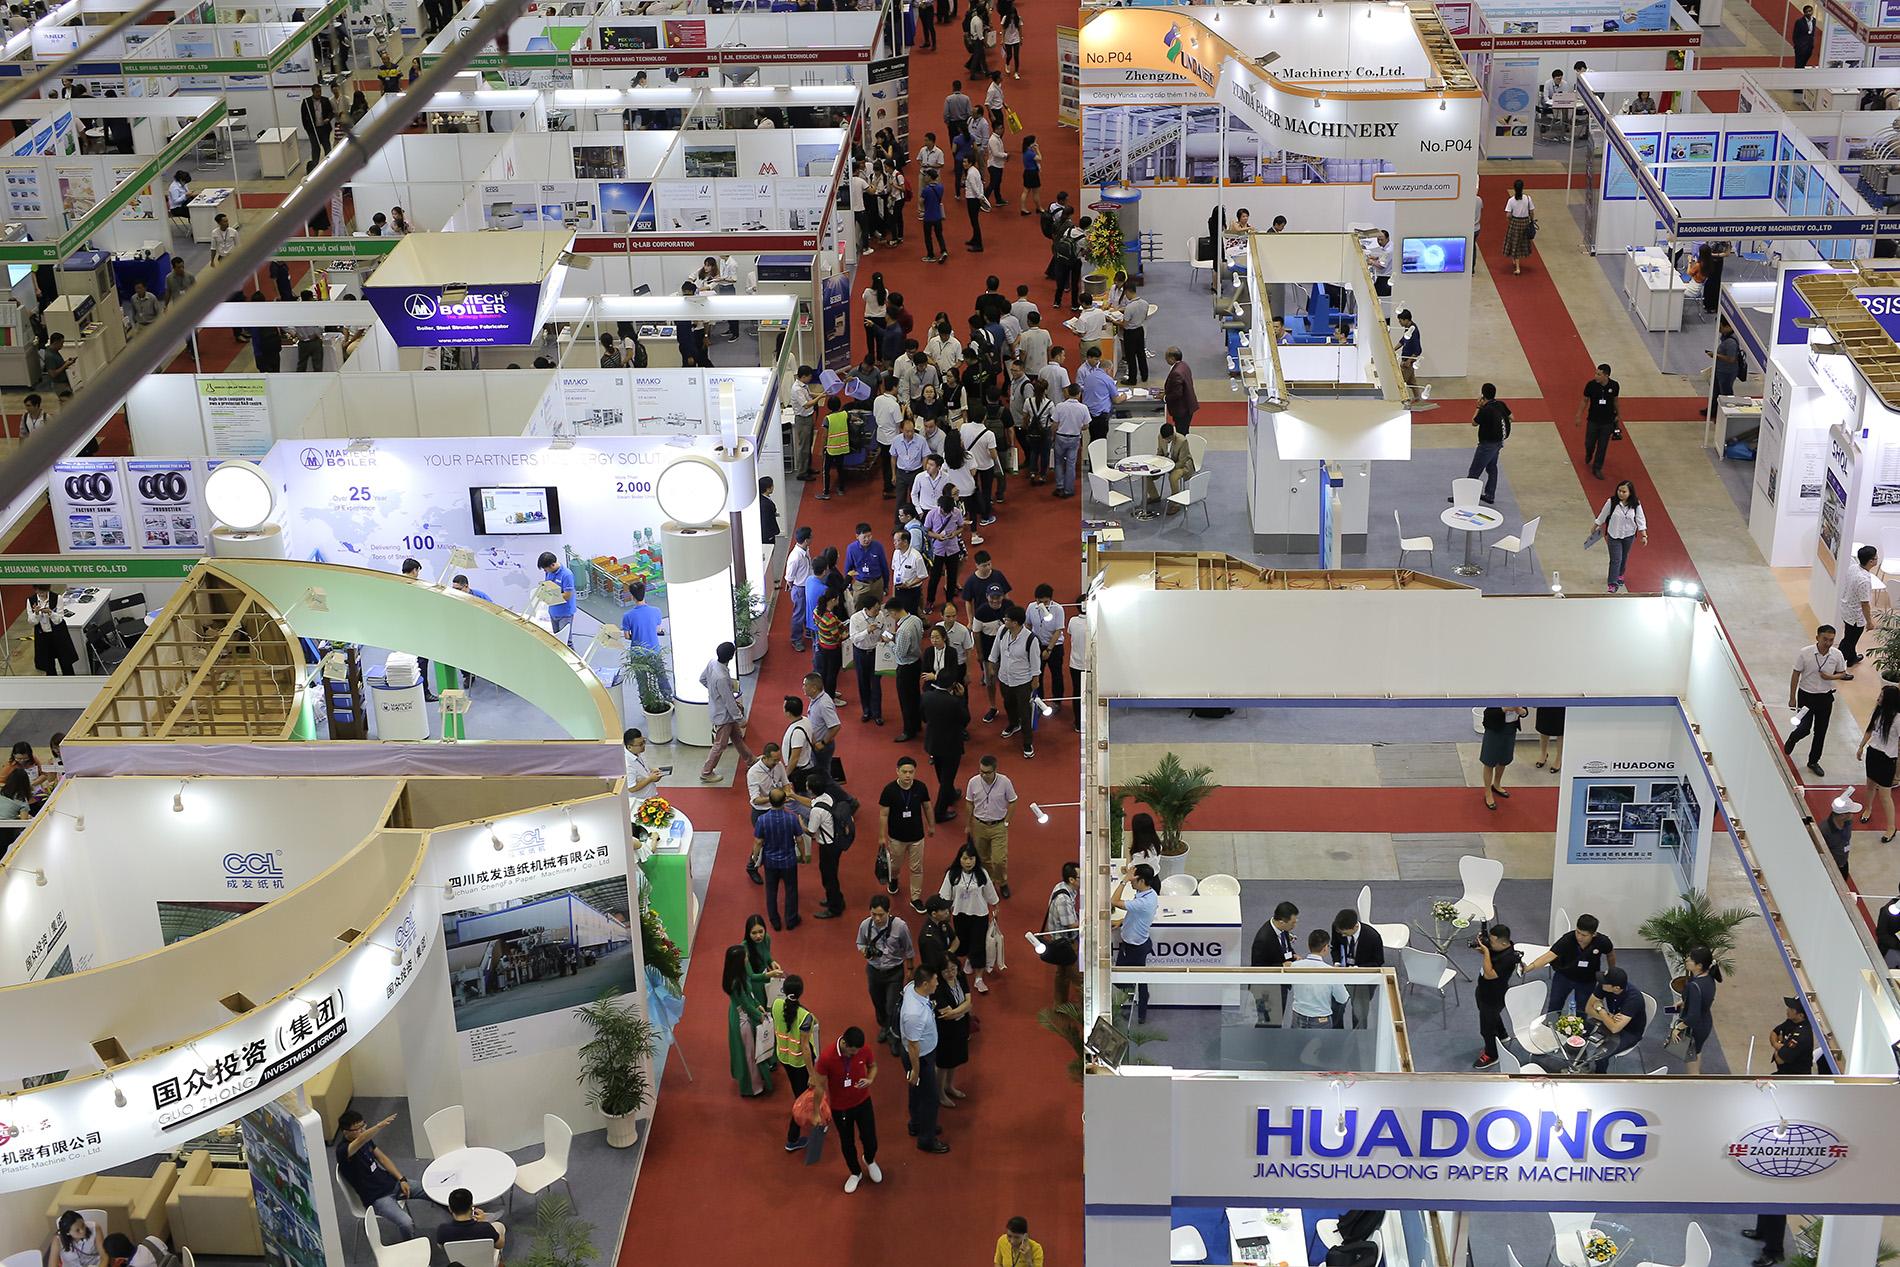 Ouverture de trois expositions internationales à Hô Chi Minh-Ville